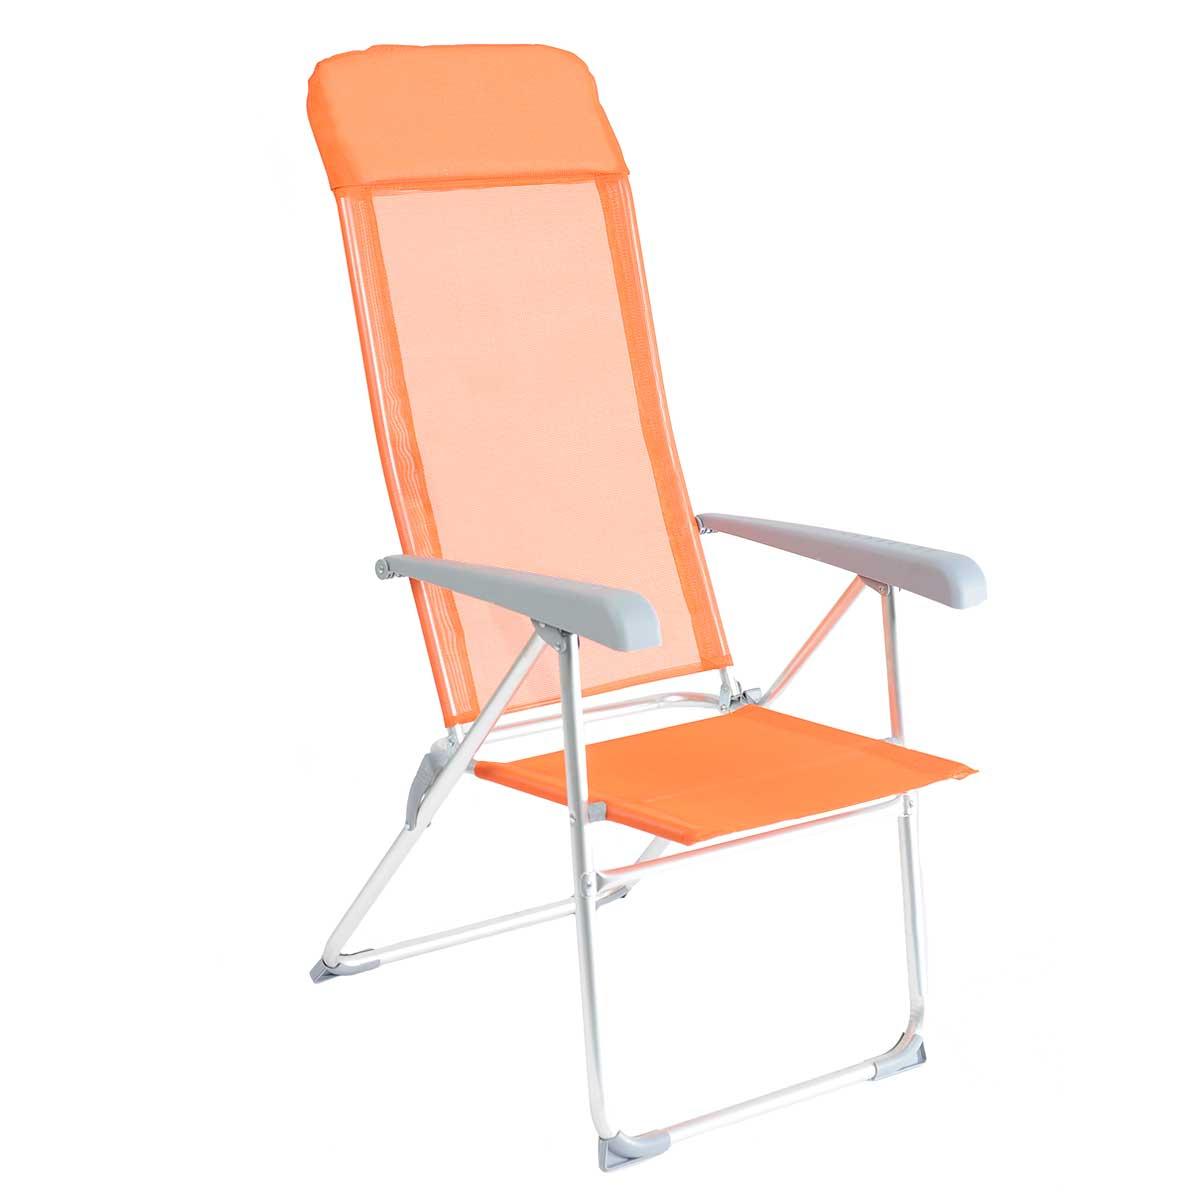 Кресло складное Woodland Dacha, 66 см х 58 см х 118 см0036512Складное кресло Woodland Dacha предназначено для создания комфортных условий в туристических походах, рыбалке и кемпинге.Особенности:Компактная складная конструкция.Прочный алюминиевый каркас, диаметр 19/22 мм.Ткань Textilene обеспечивает отличную вентиляцию.